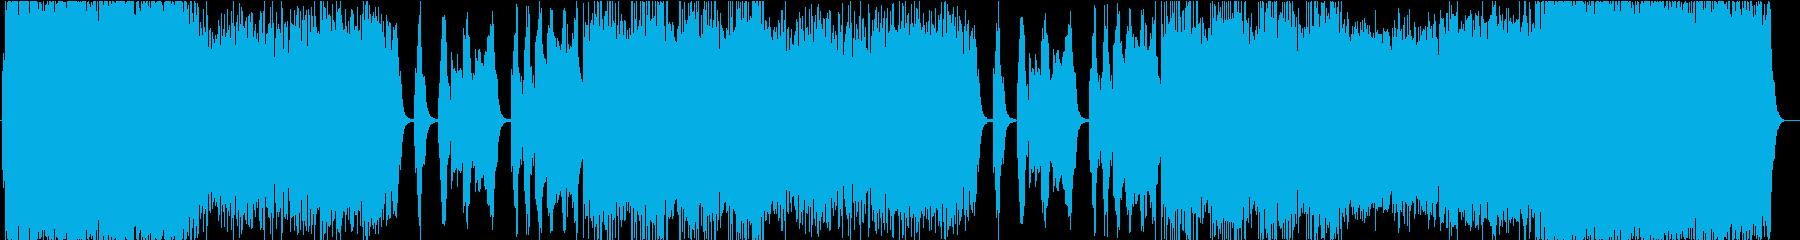 生きる素晴らしさ・壮大で感動的なBGMの再生済みの波形